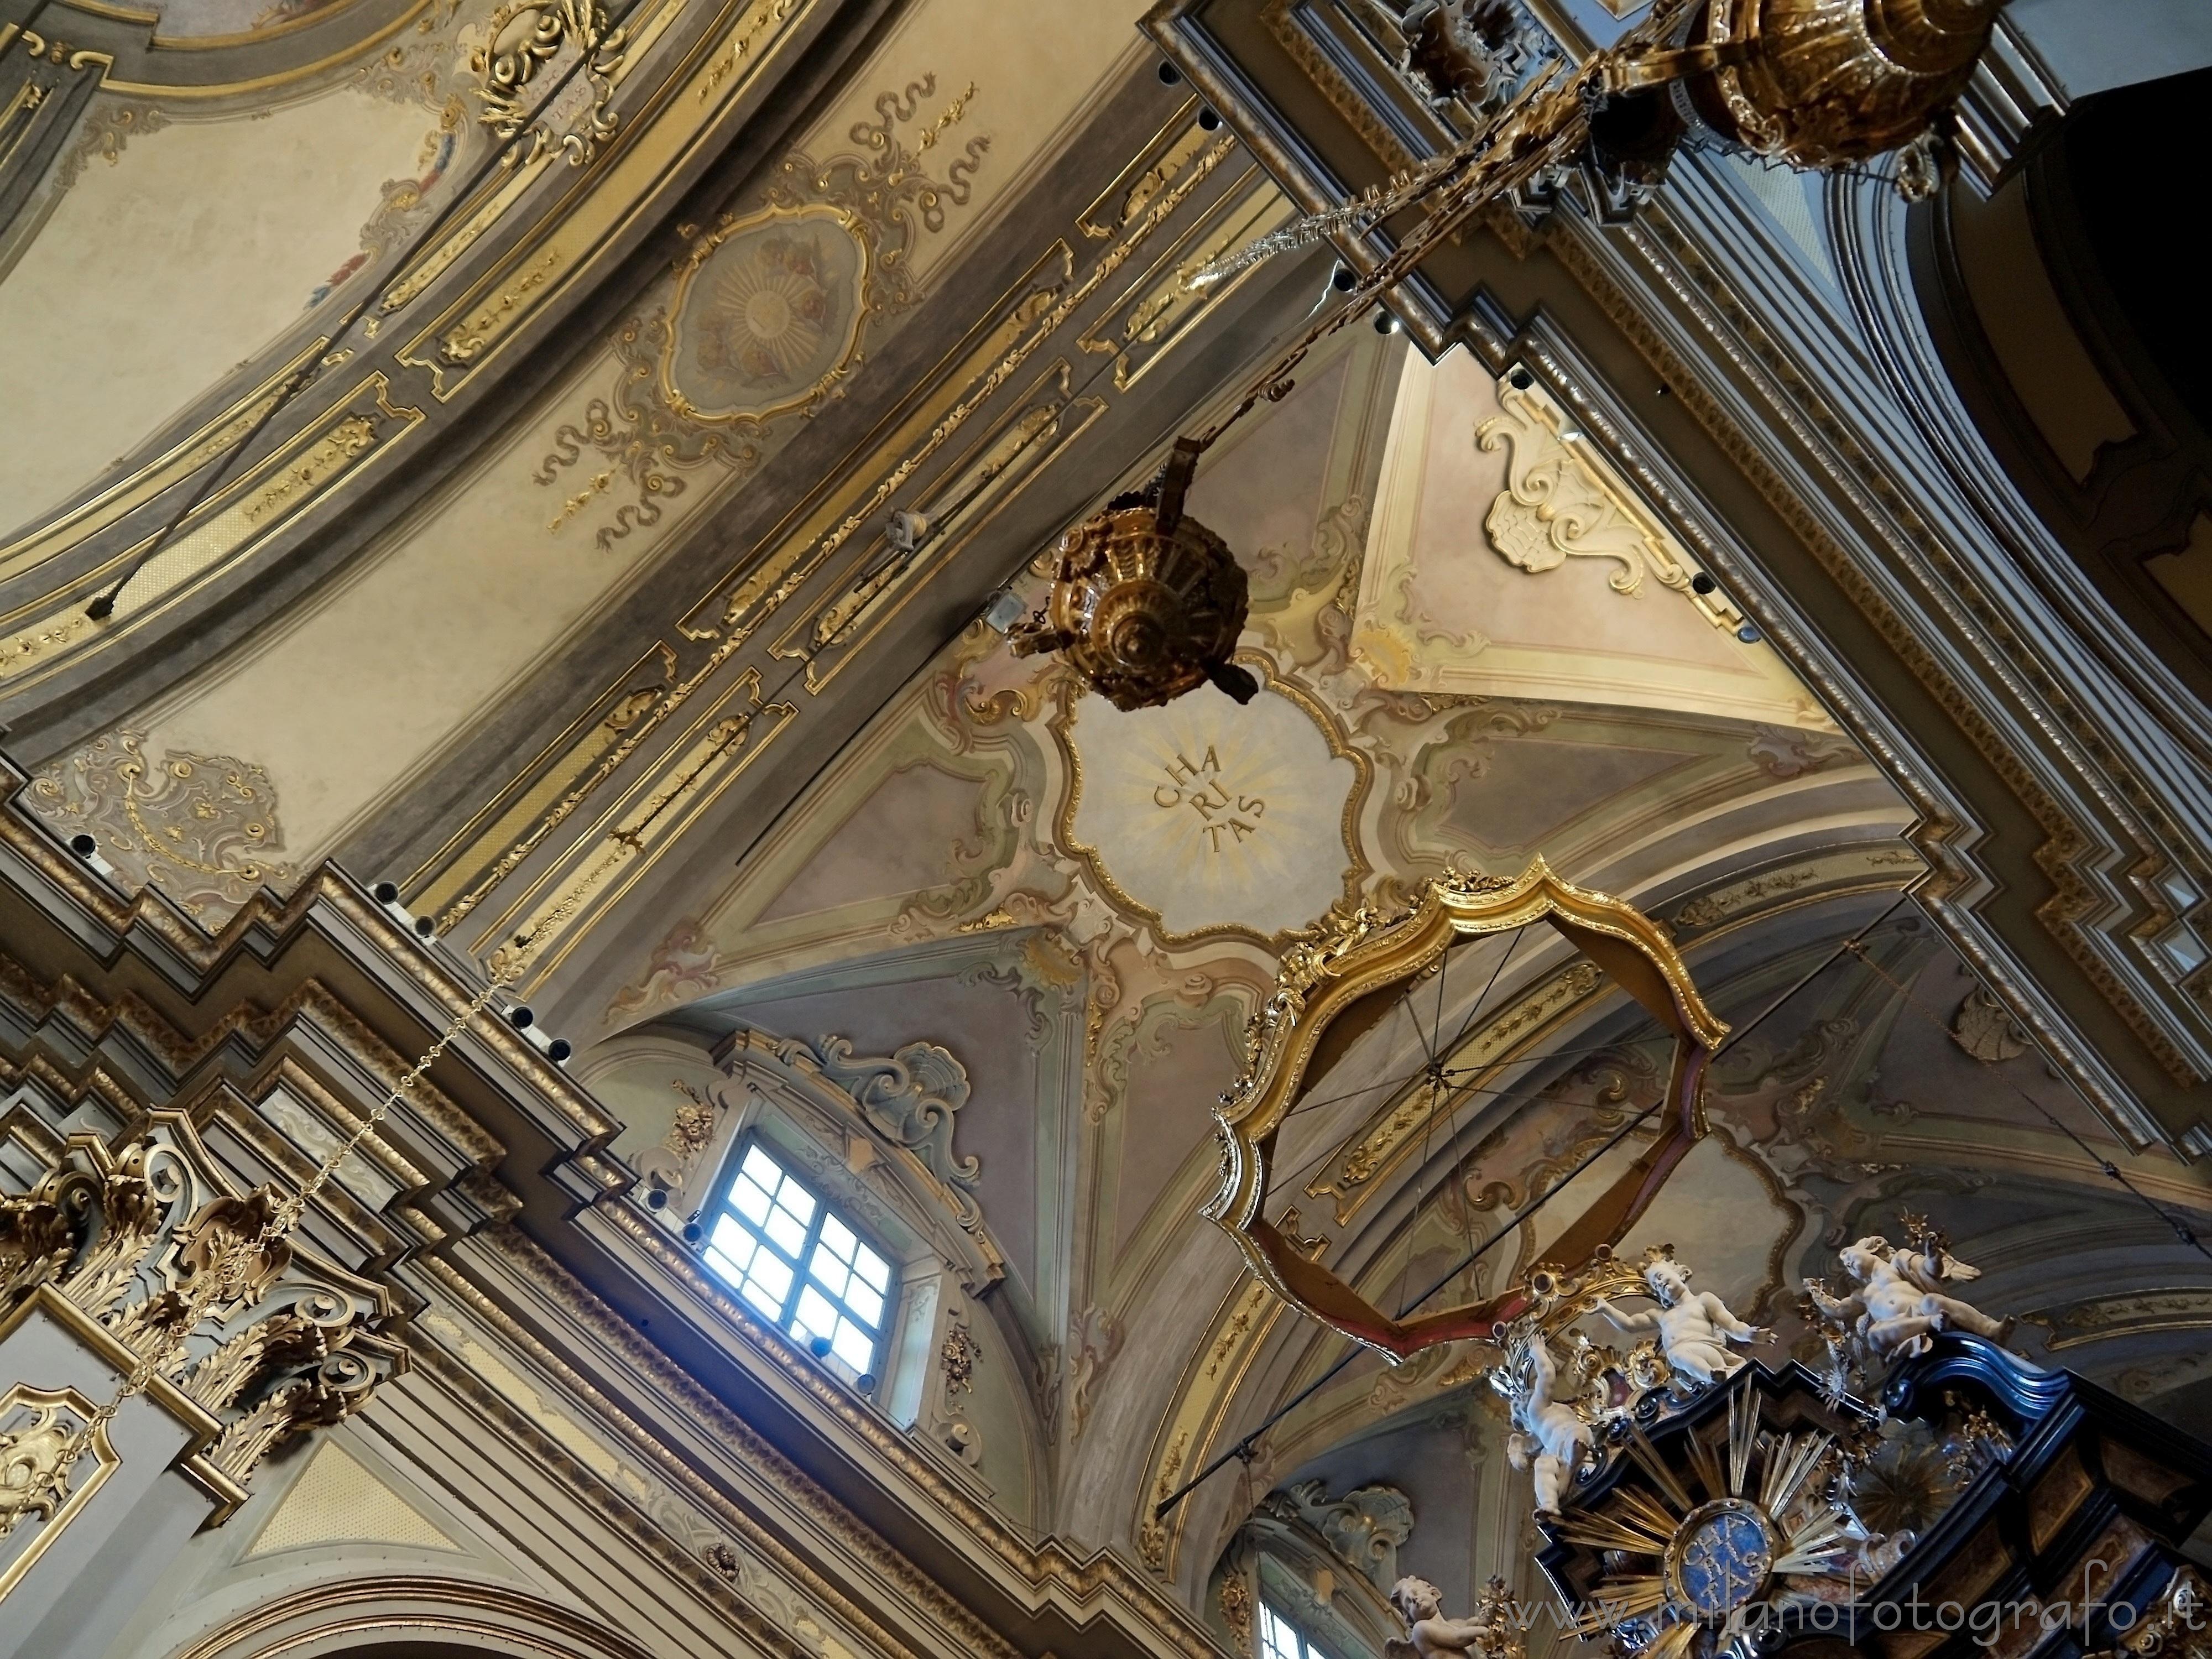 Milano: Soffitto della Chiesa di San Francesco da Paola - immagine a piena risoluzione